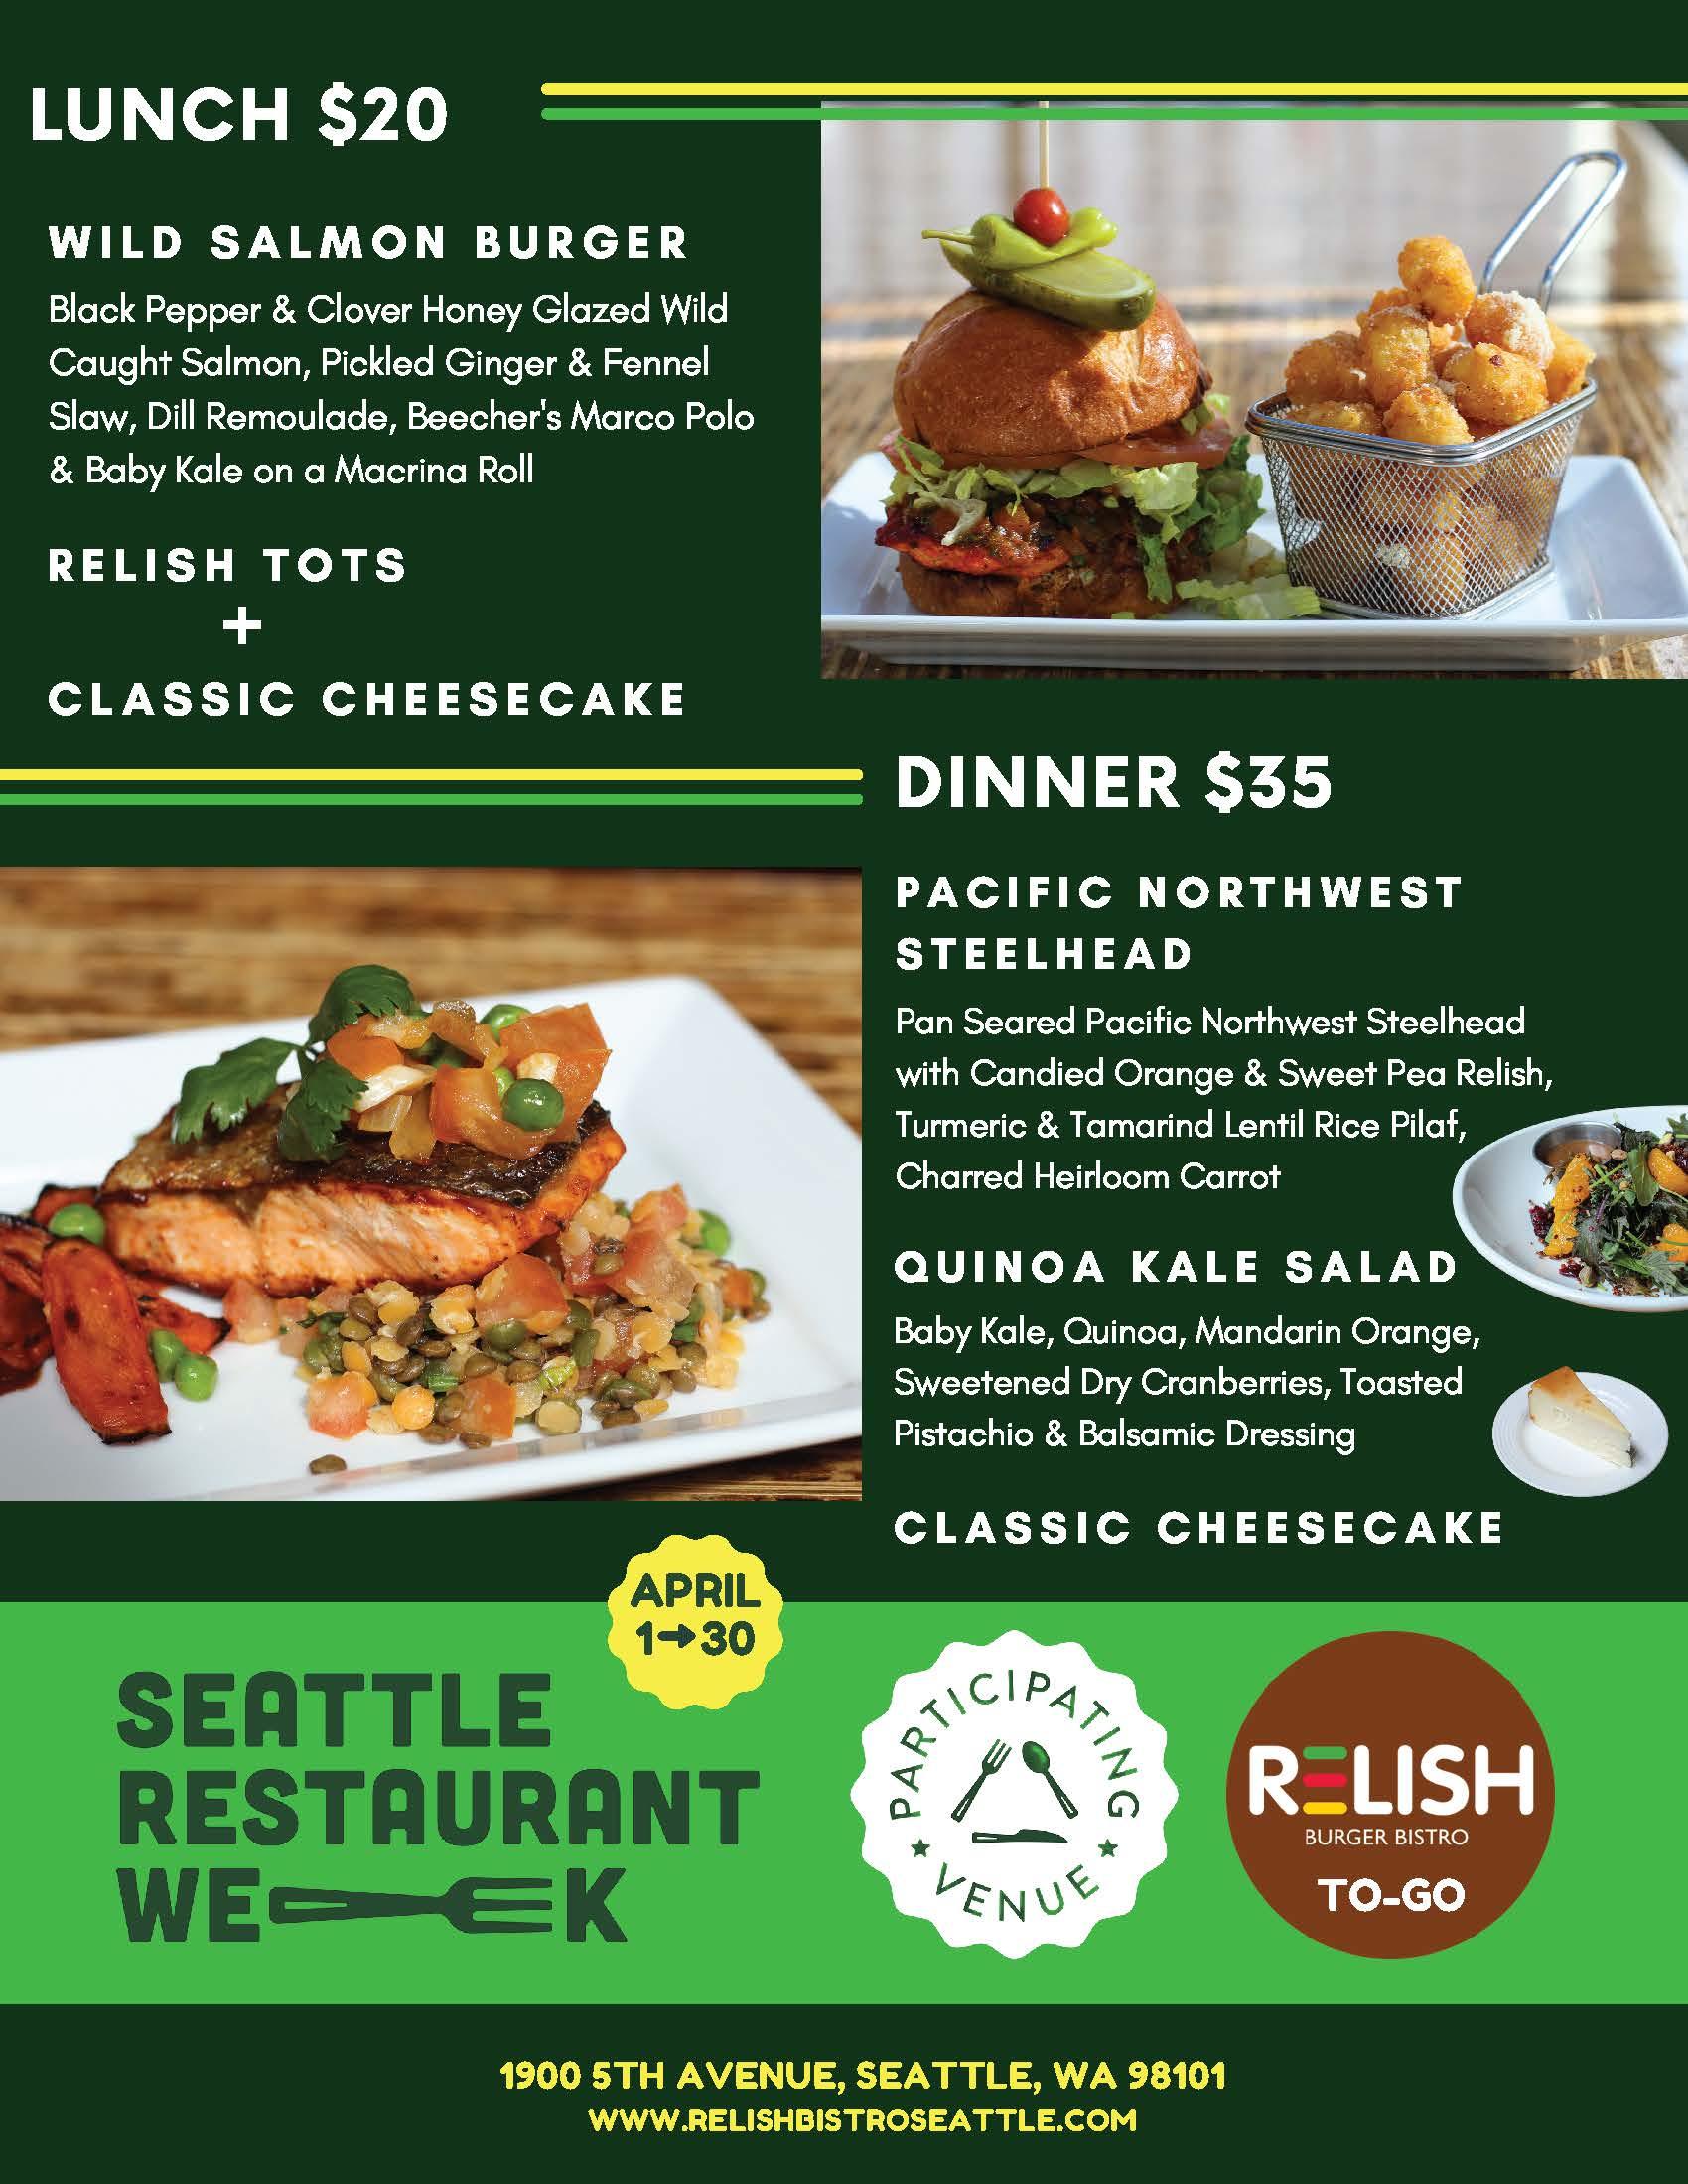 Seattle Restaurant Week at Relish Bistro Menu